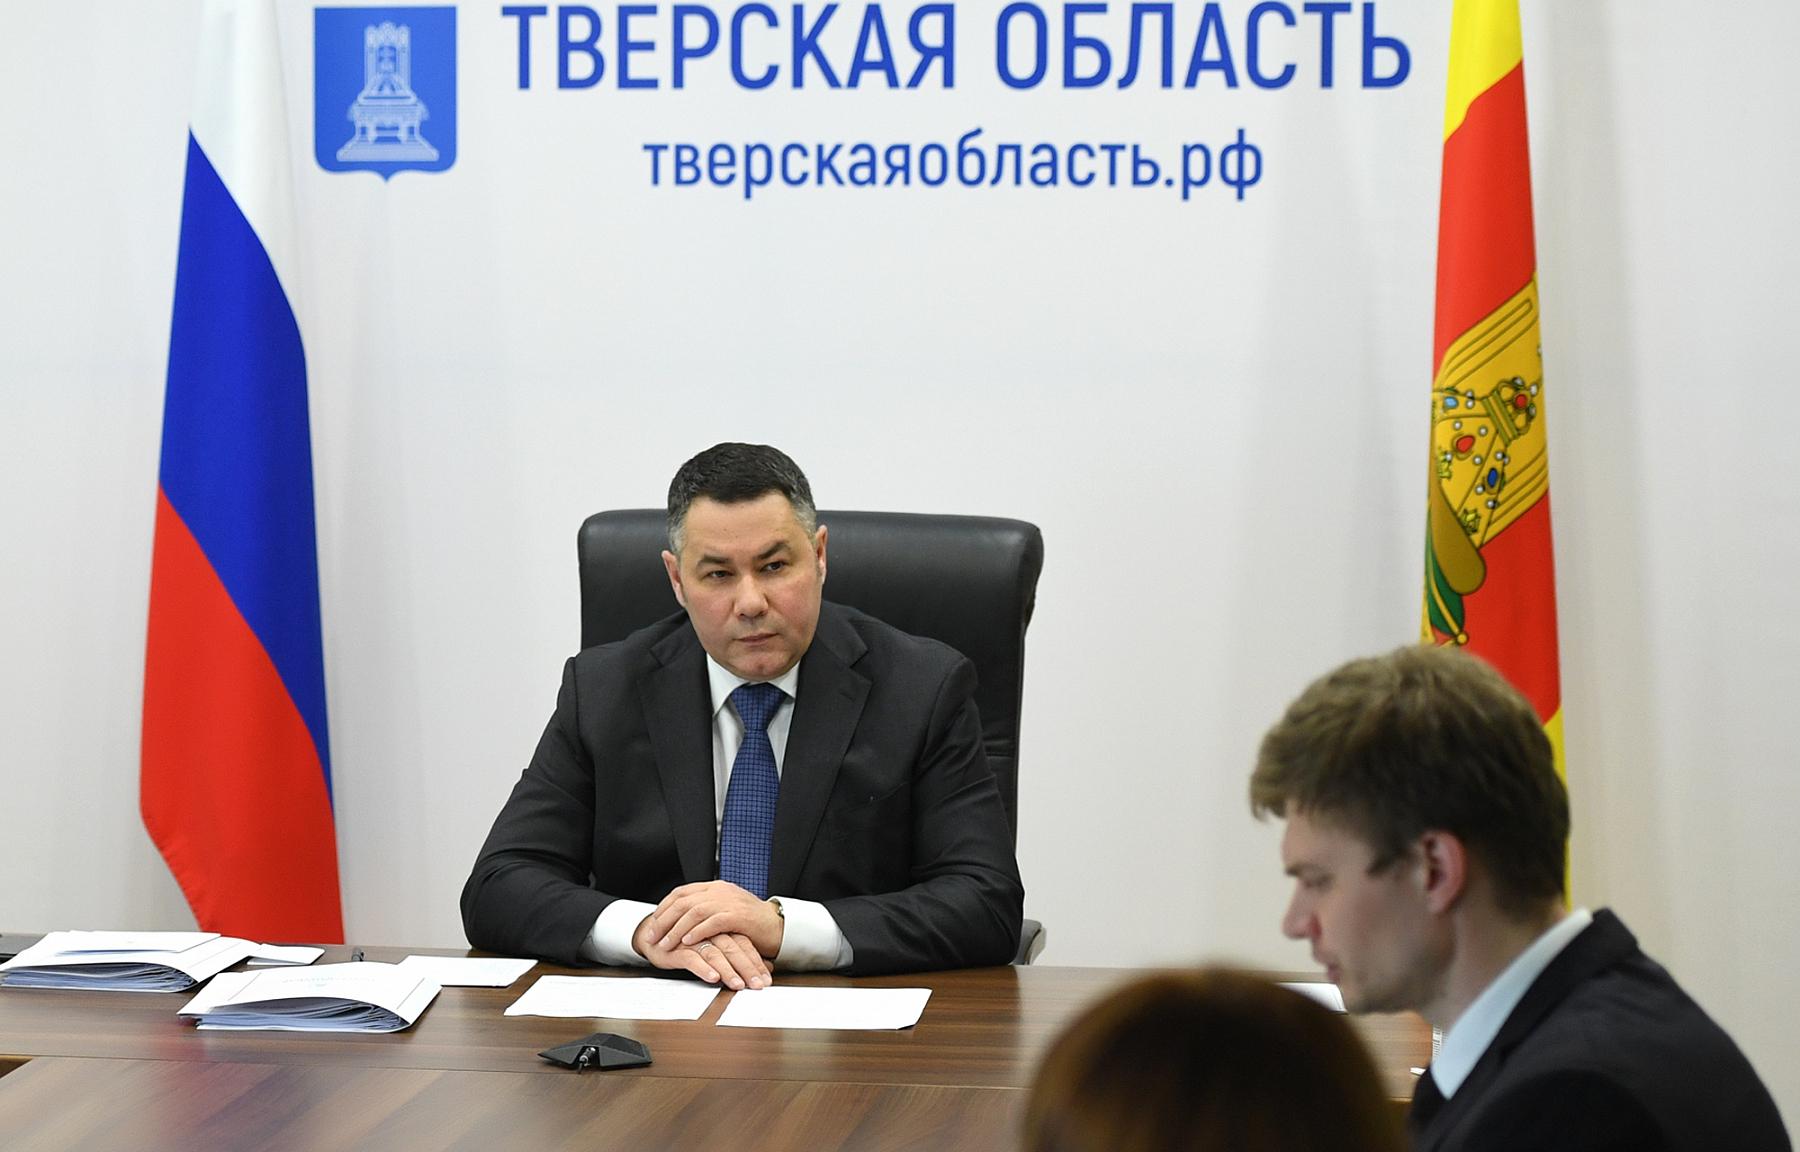 Губернатор Тверской области Игорь Руденя принял участие в совещании с Владимиром Путиным